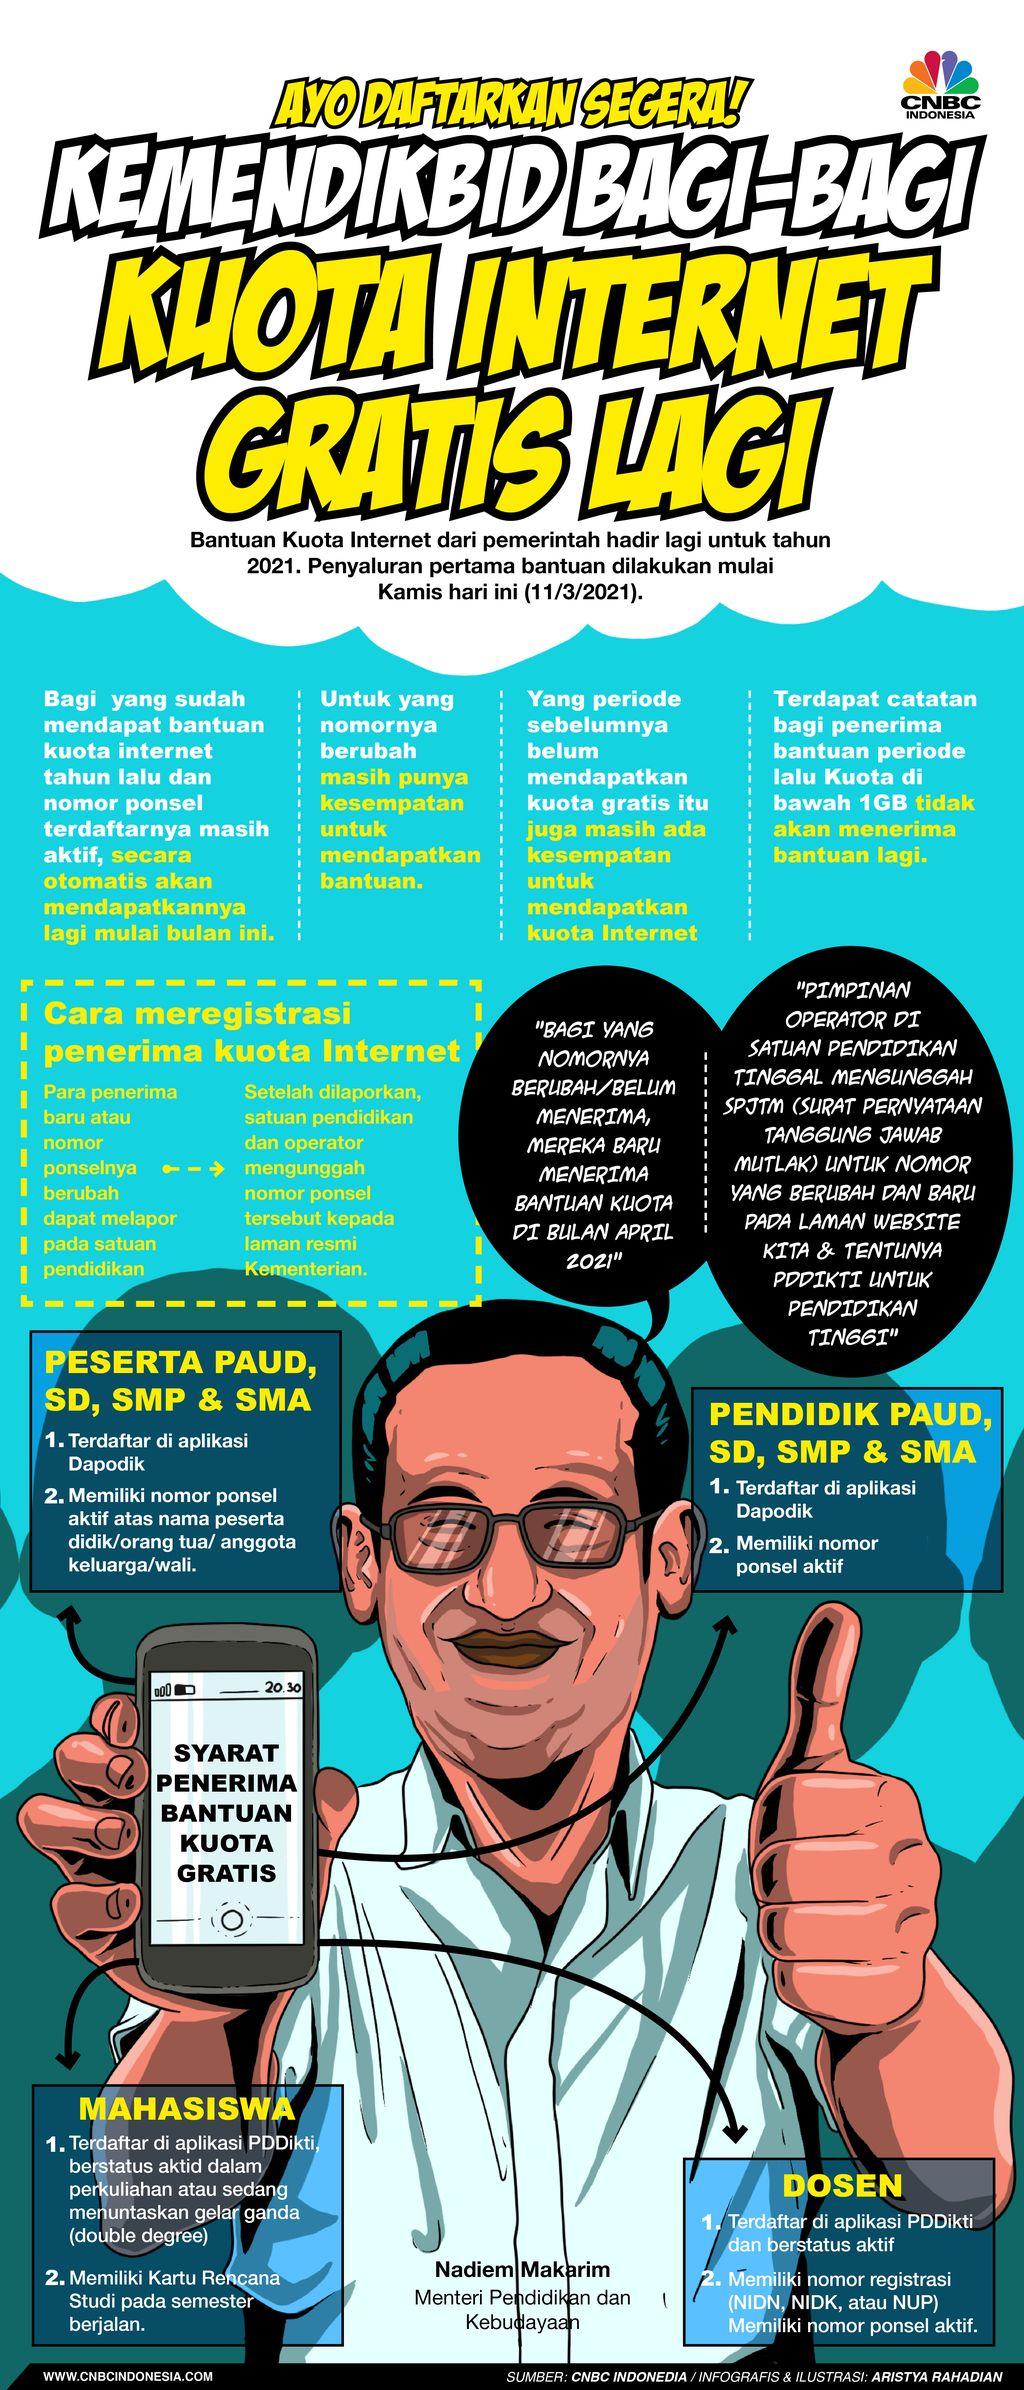 Infografis/Ayo Daftarkan Segera! Kemendikbid Bagi-bagi Kuota Internet gratis Lagi/Aristya Rahadian